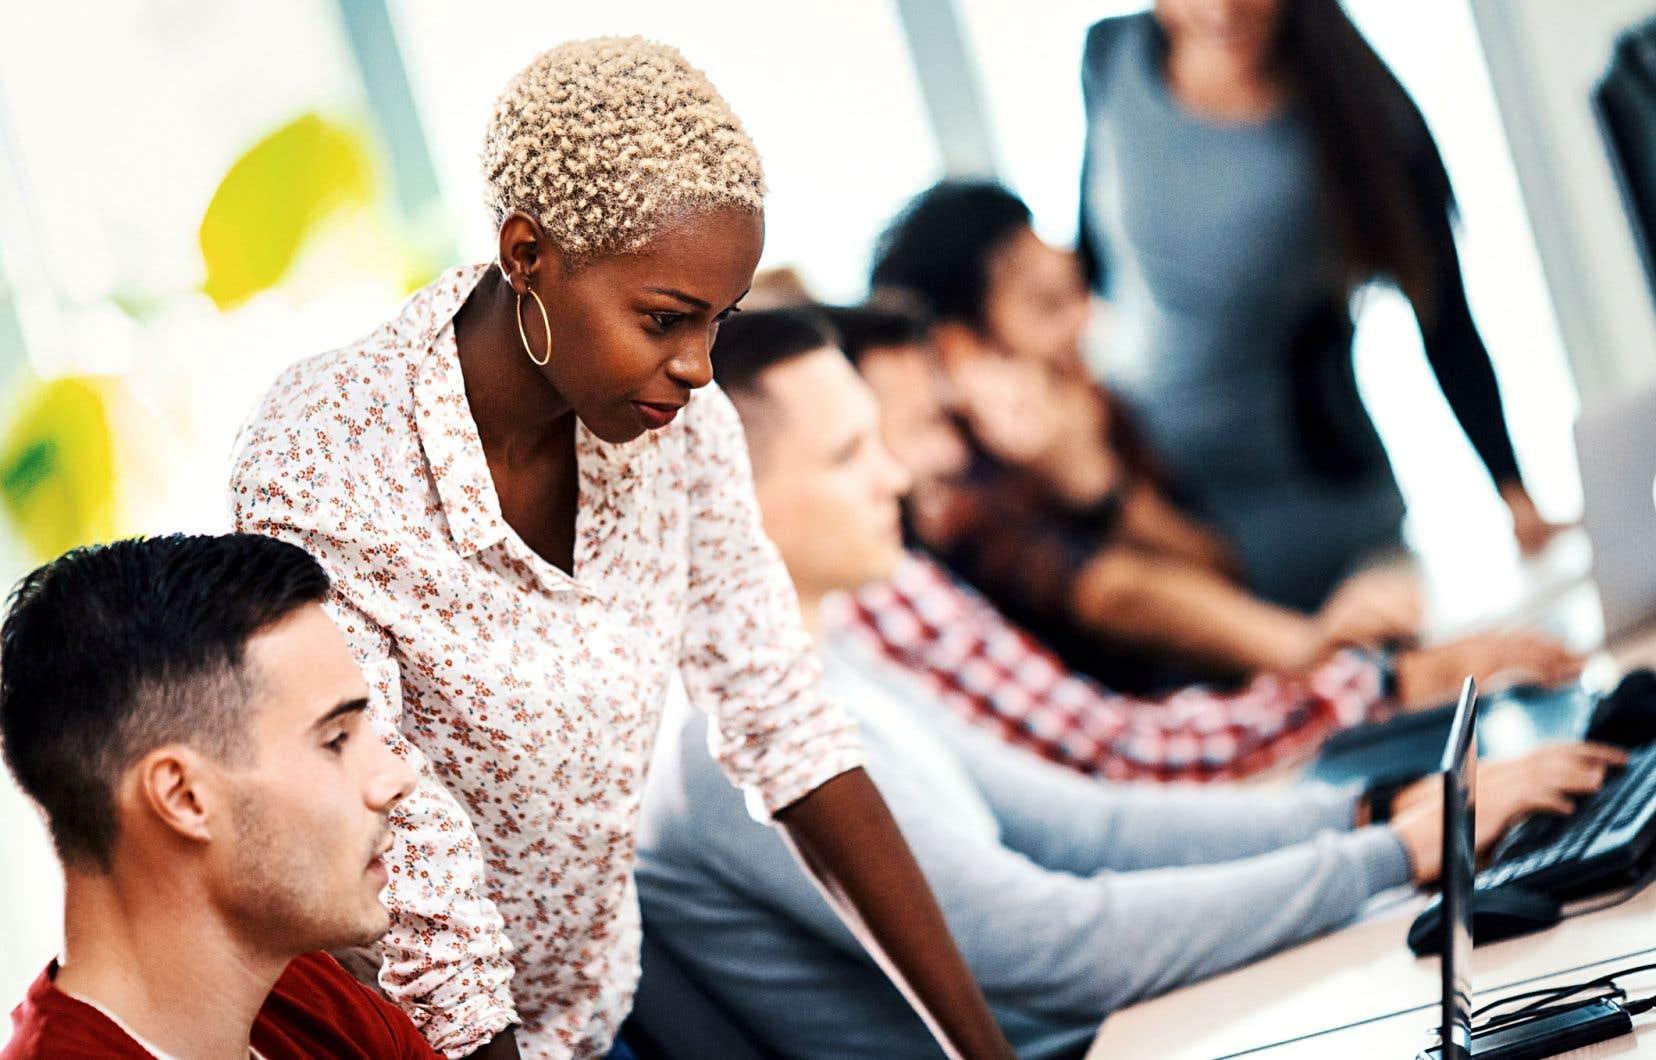 Les dirigeants d'entreprises associent un rendement financier supérieur à la rétention d'employés ayant des expériences, des compétences et des mentalités variées, selon un sondage.